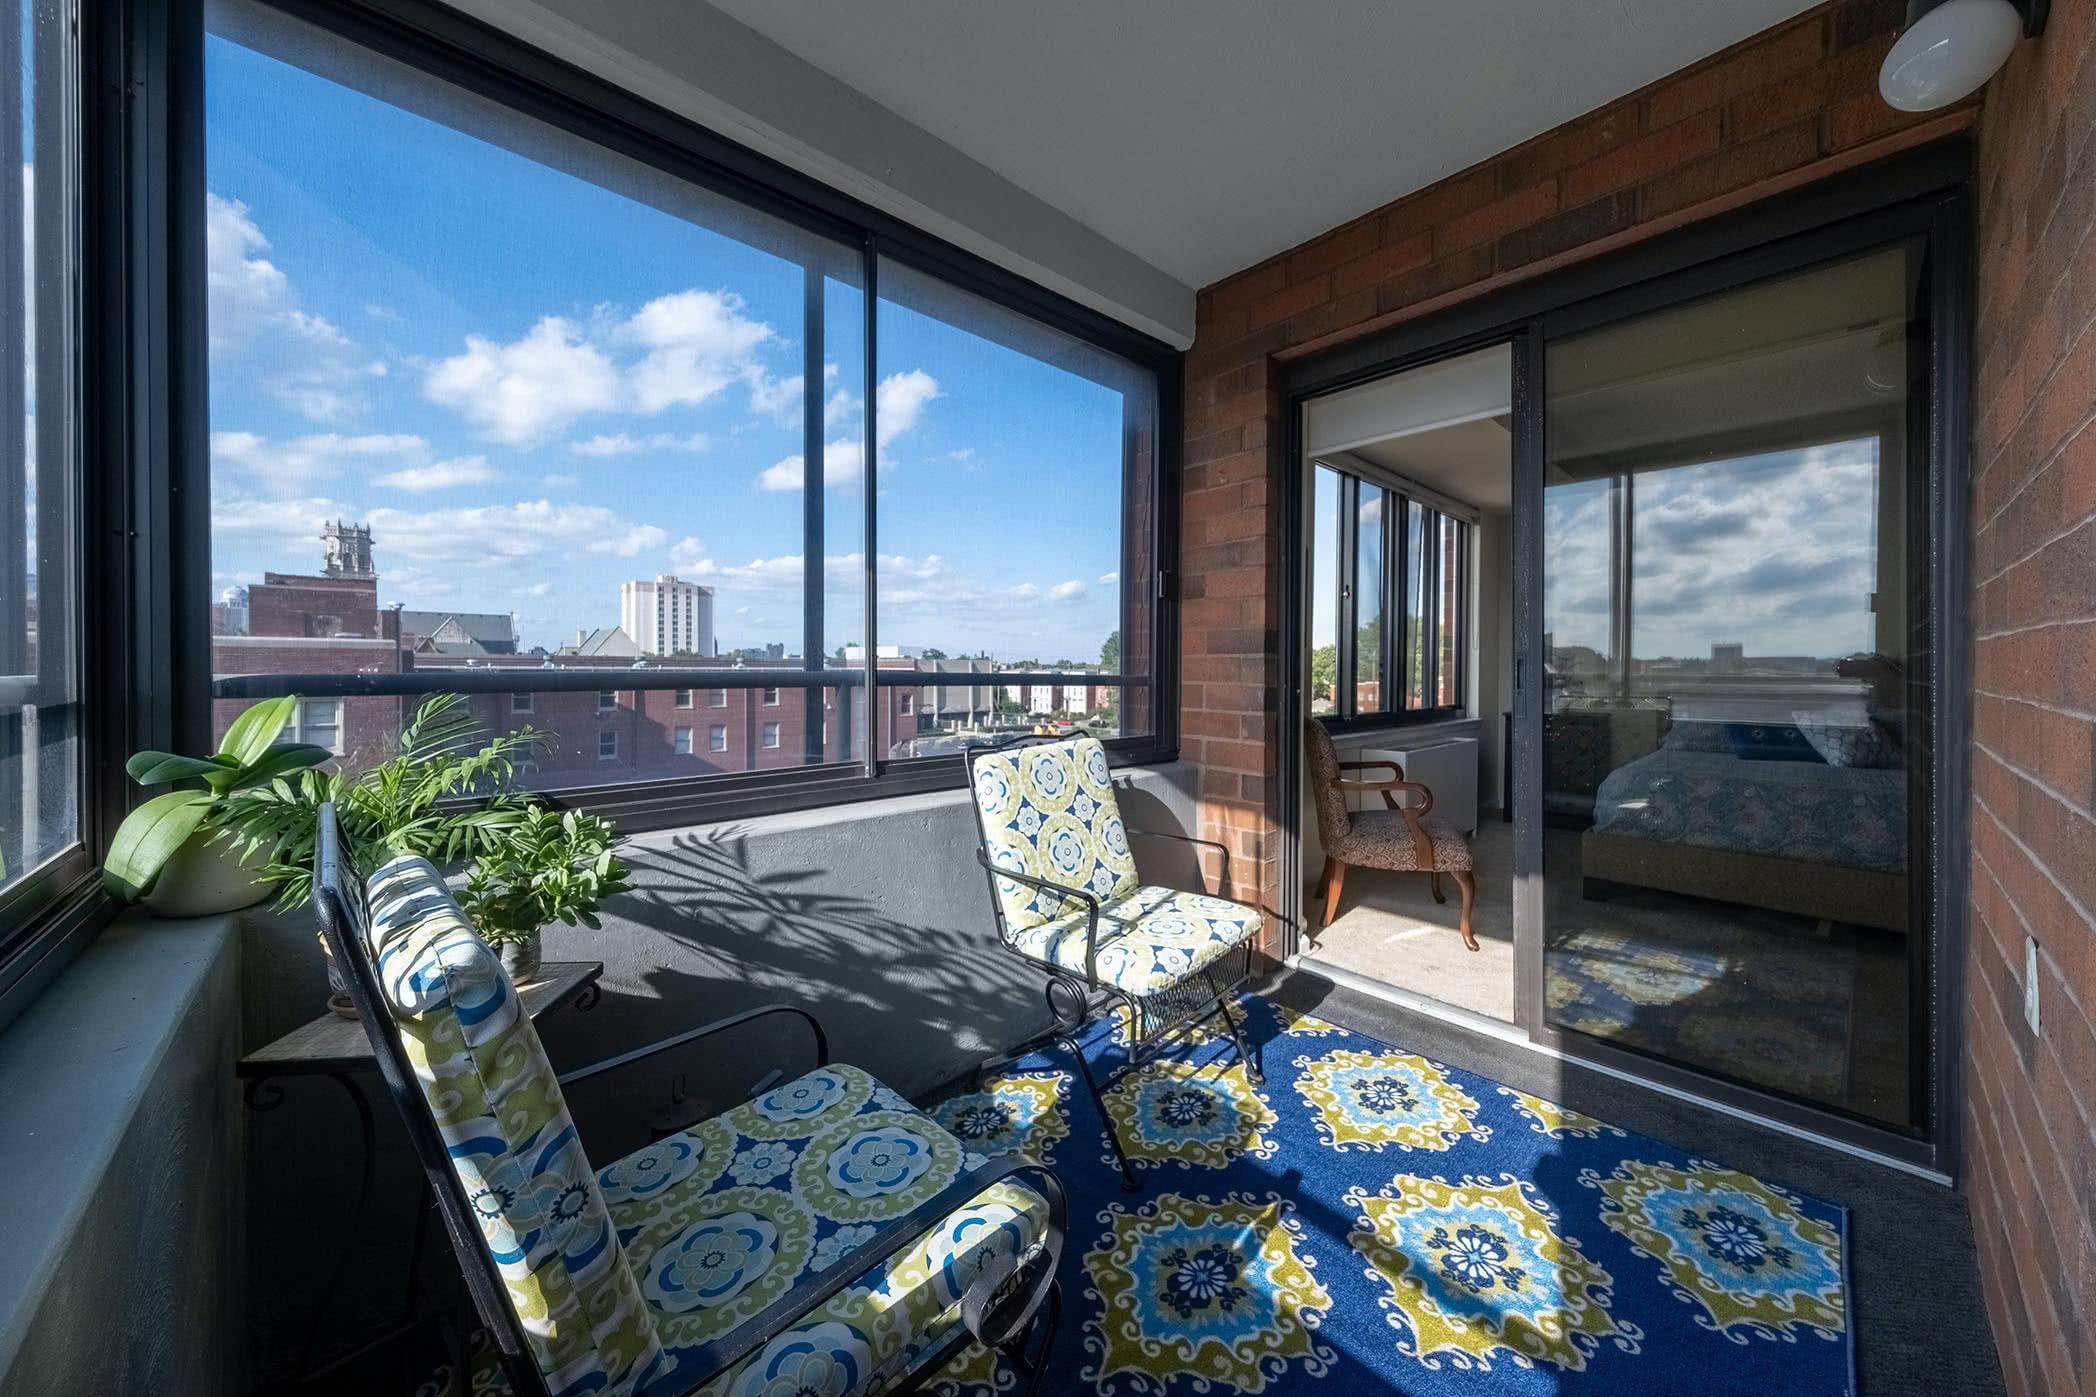 Apartment 419 interior